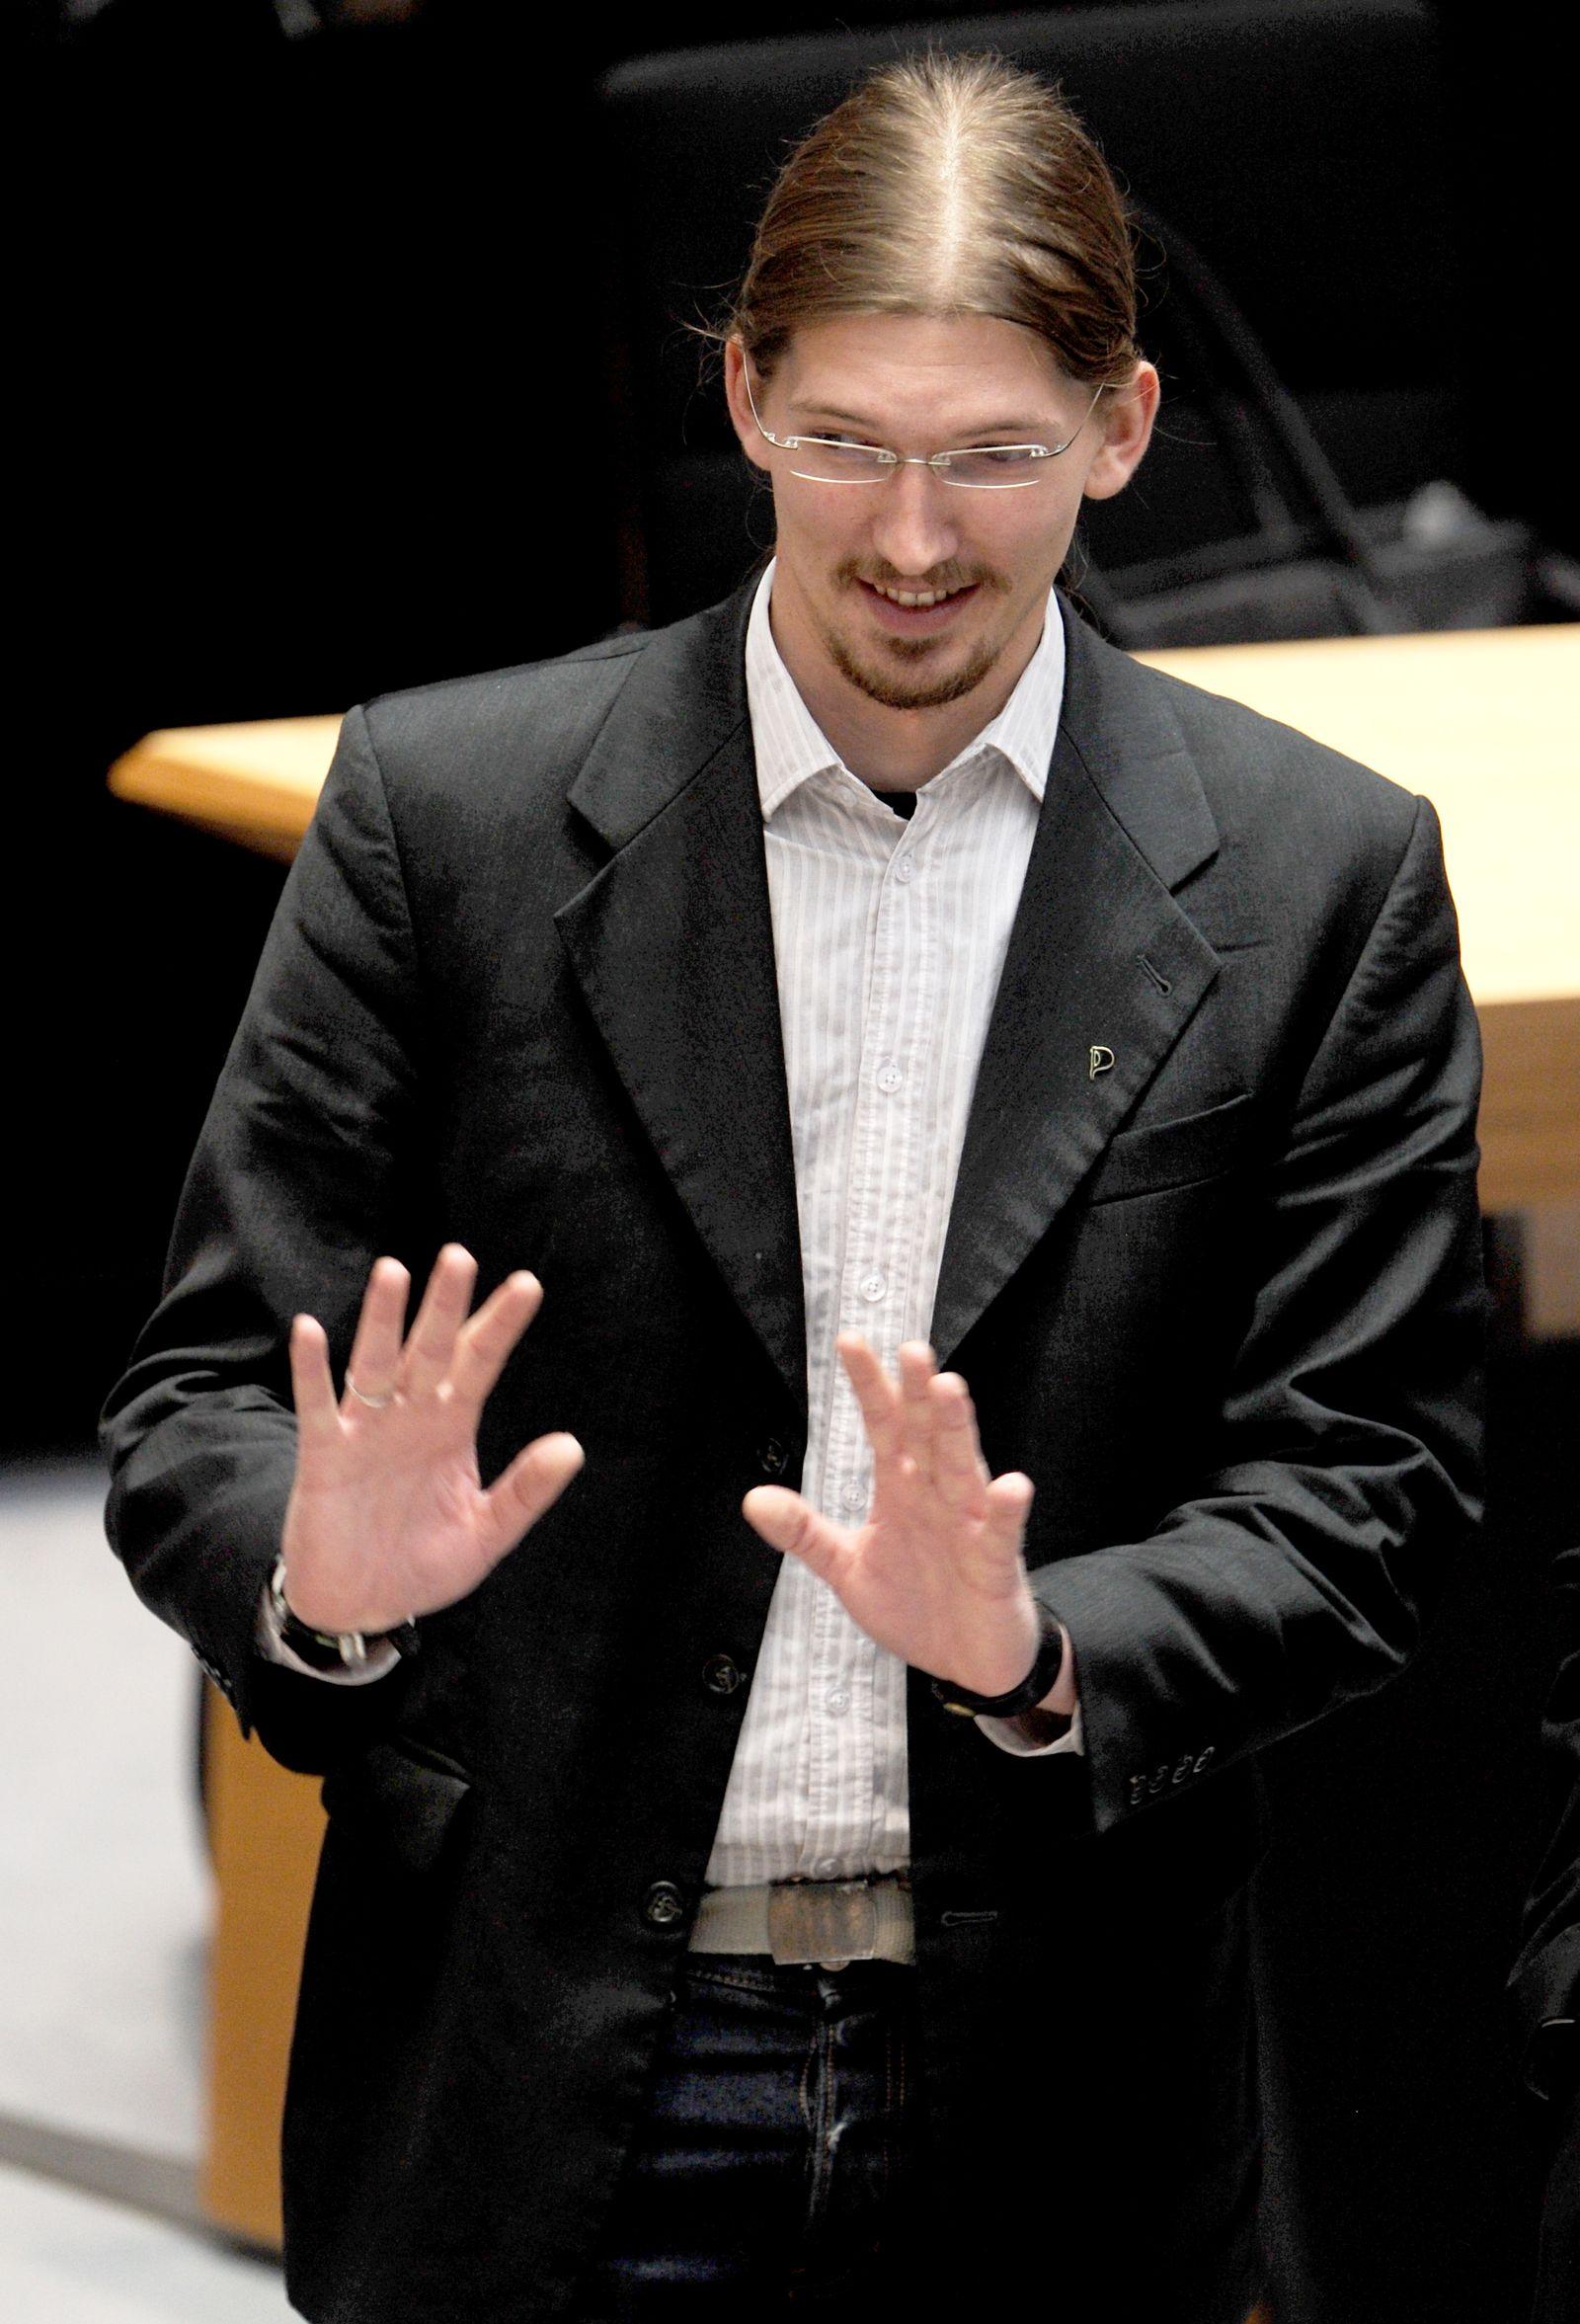 Martin Delius